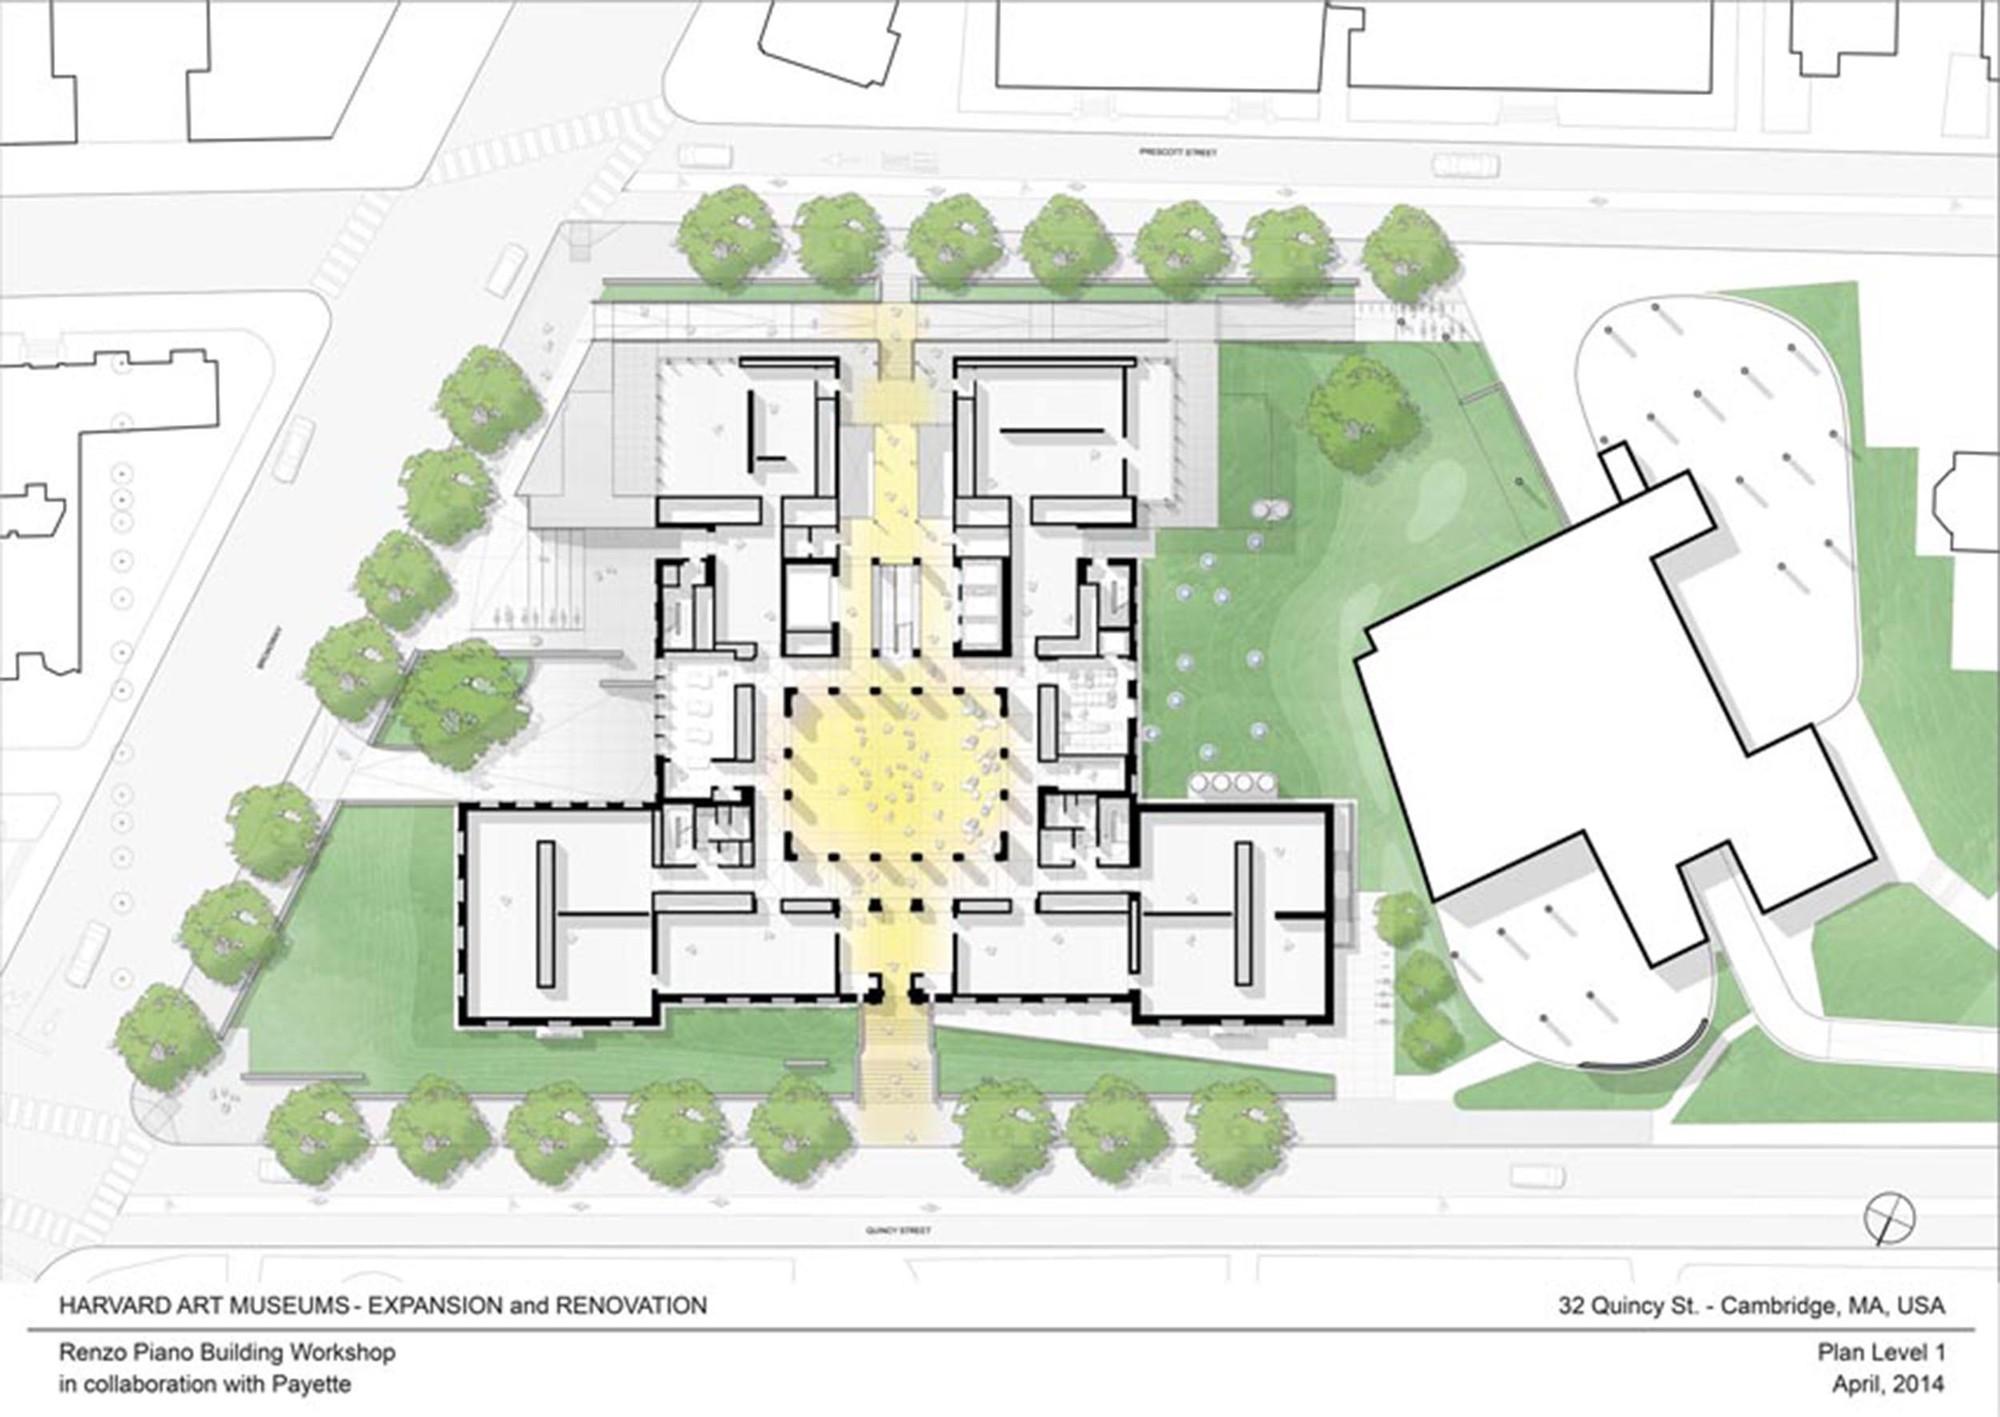 Denver Art Museum Floor Plan Galeria De Reforma E Expans 227 O Dos Museus De Arte De